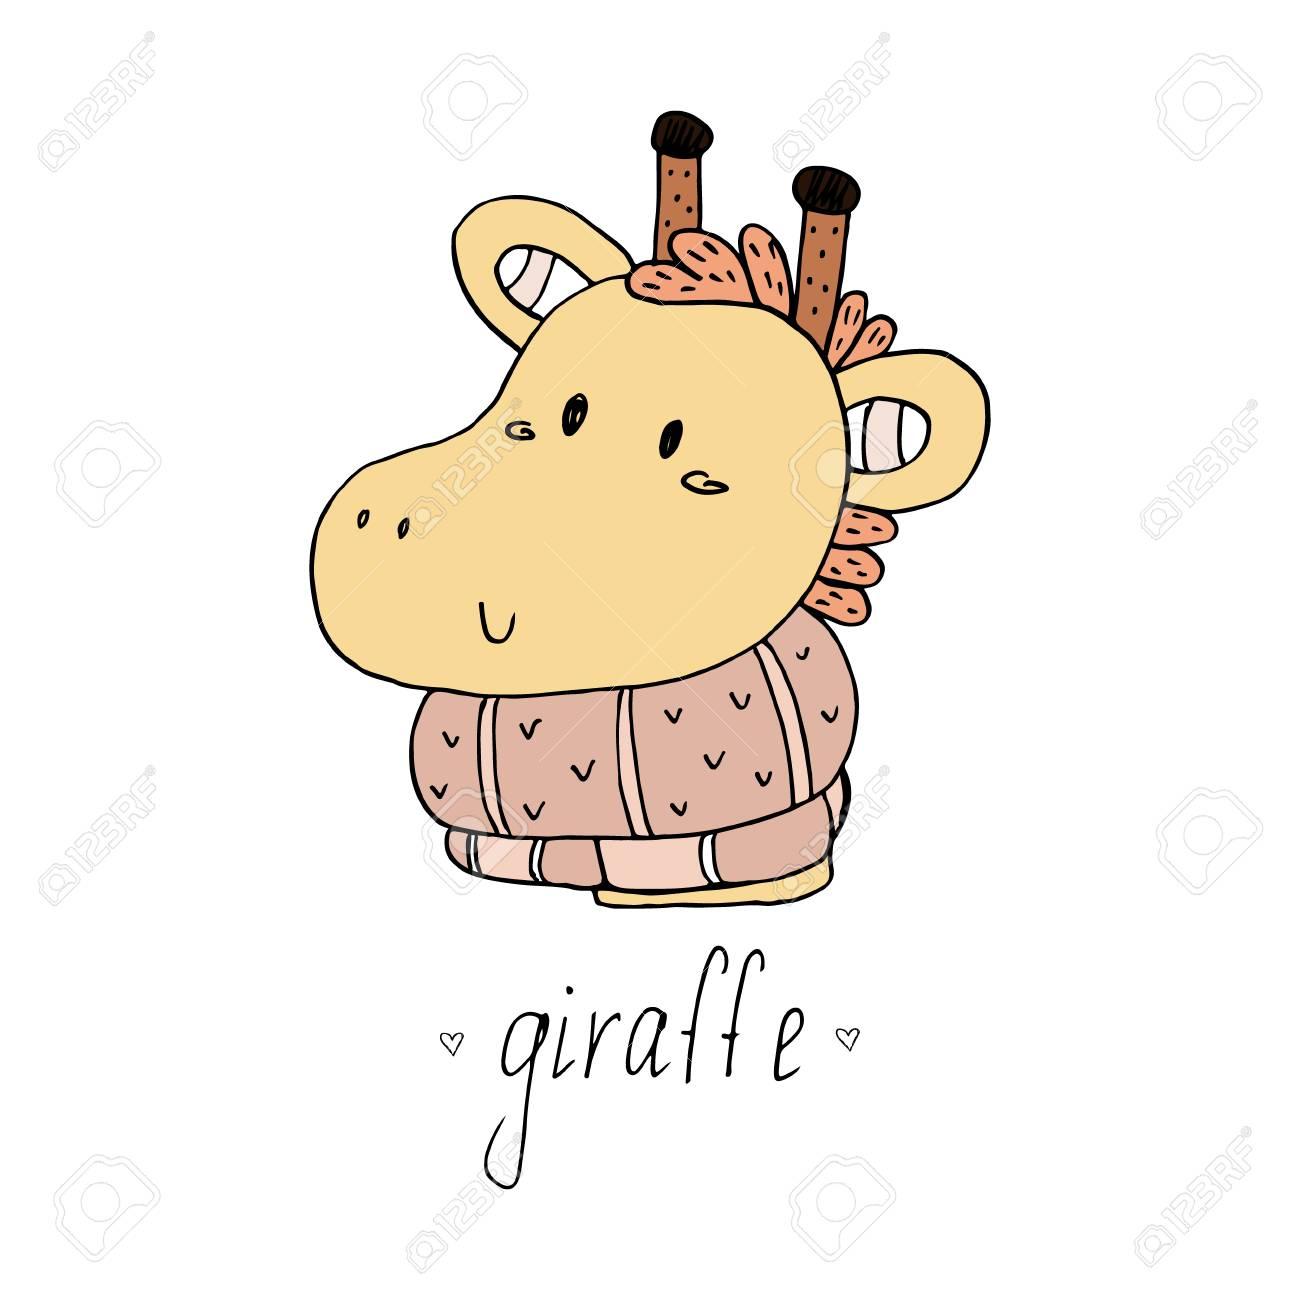 Netter Giraffendruck Für Kinder. Druckbare Vorlagen. Lizenzfrei ...